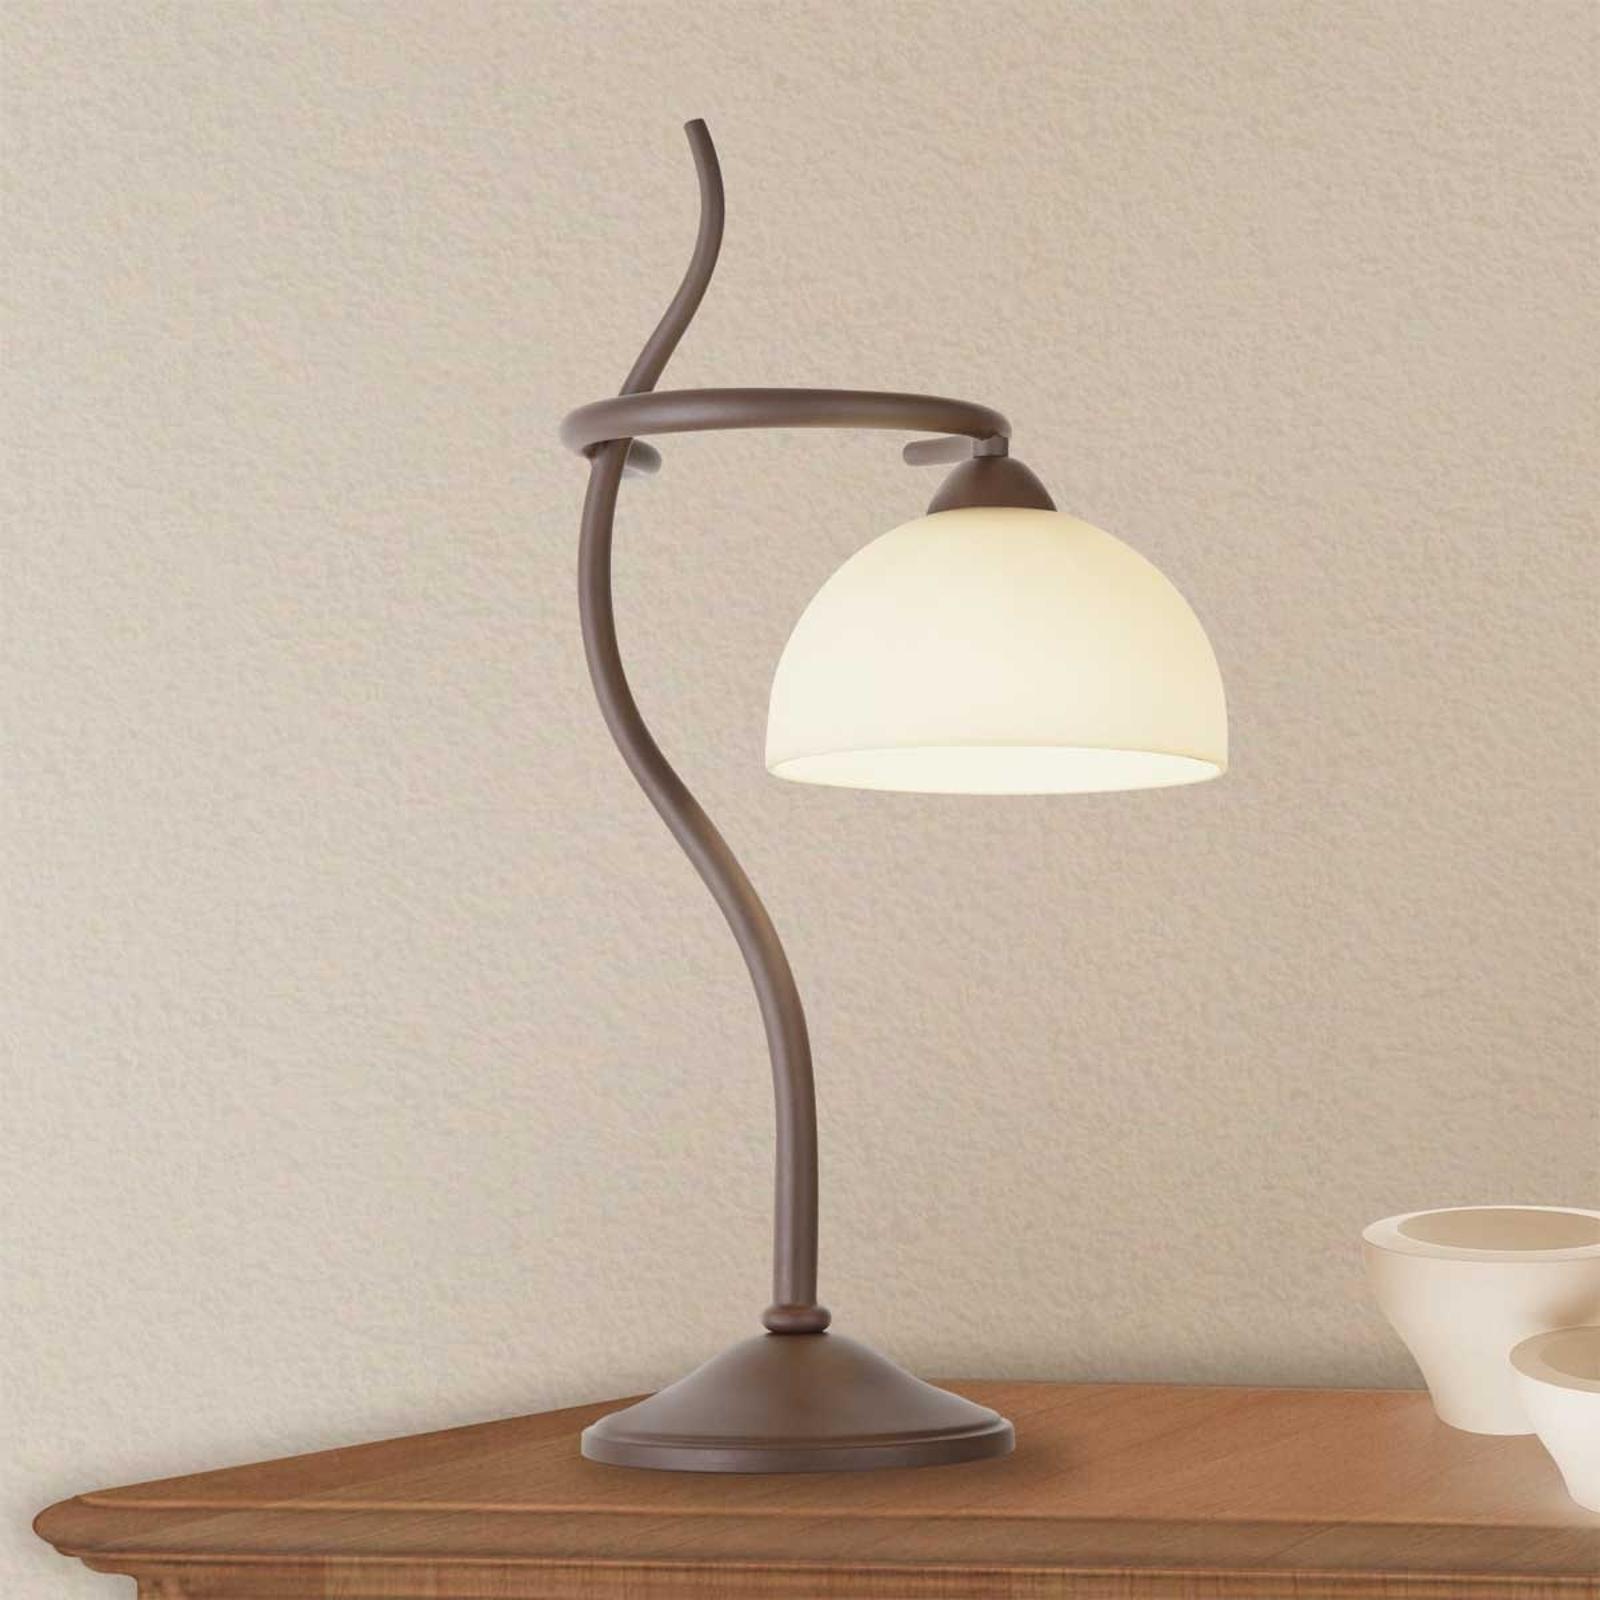 Tafellamp Christian in bruin